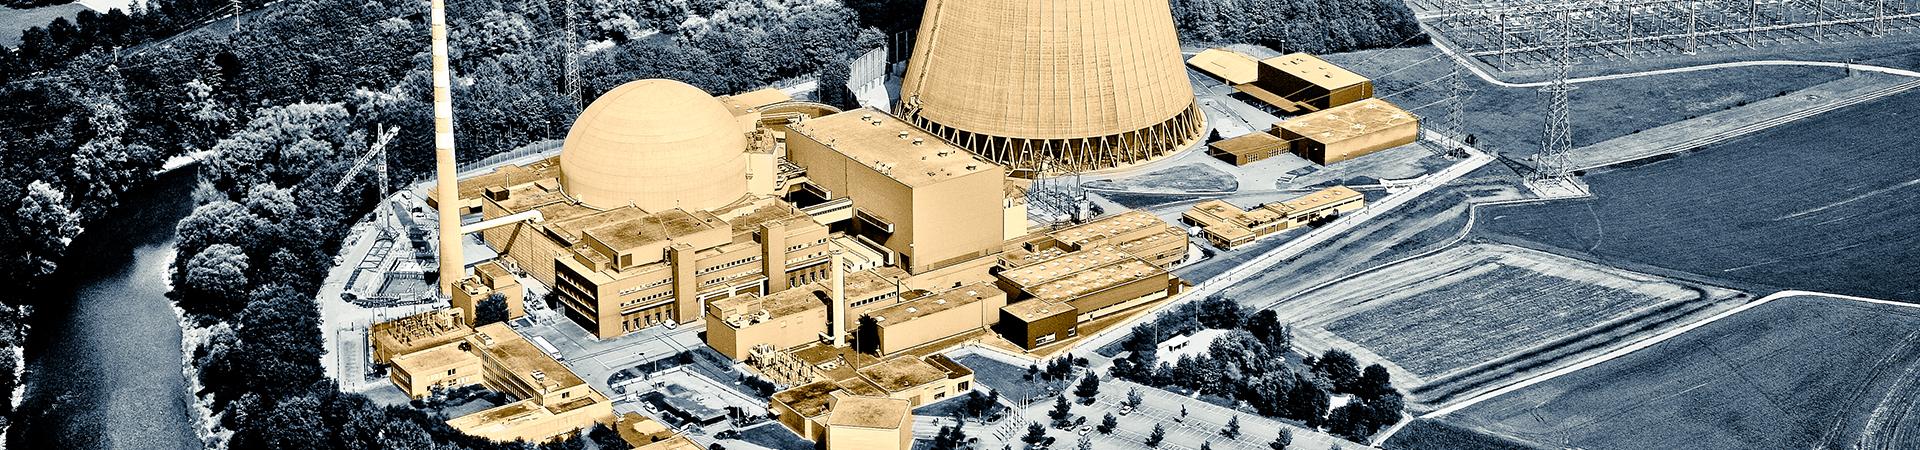 Kernkraftwerk Goesgen 1